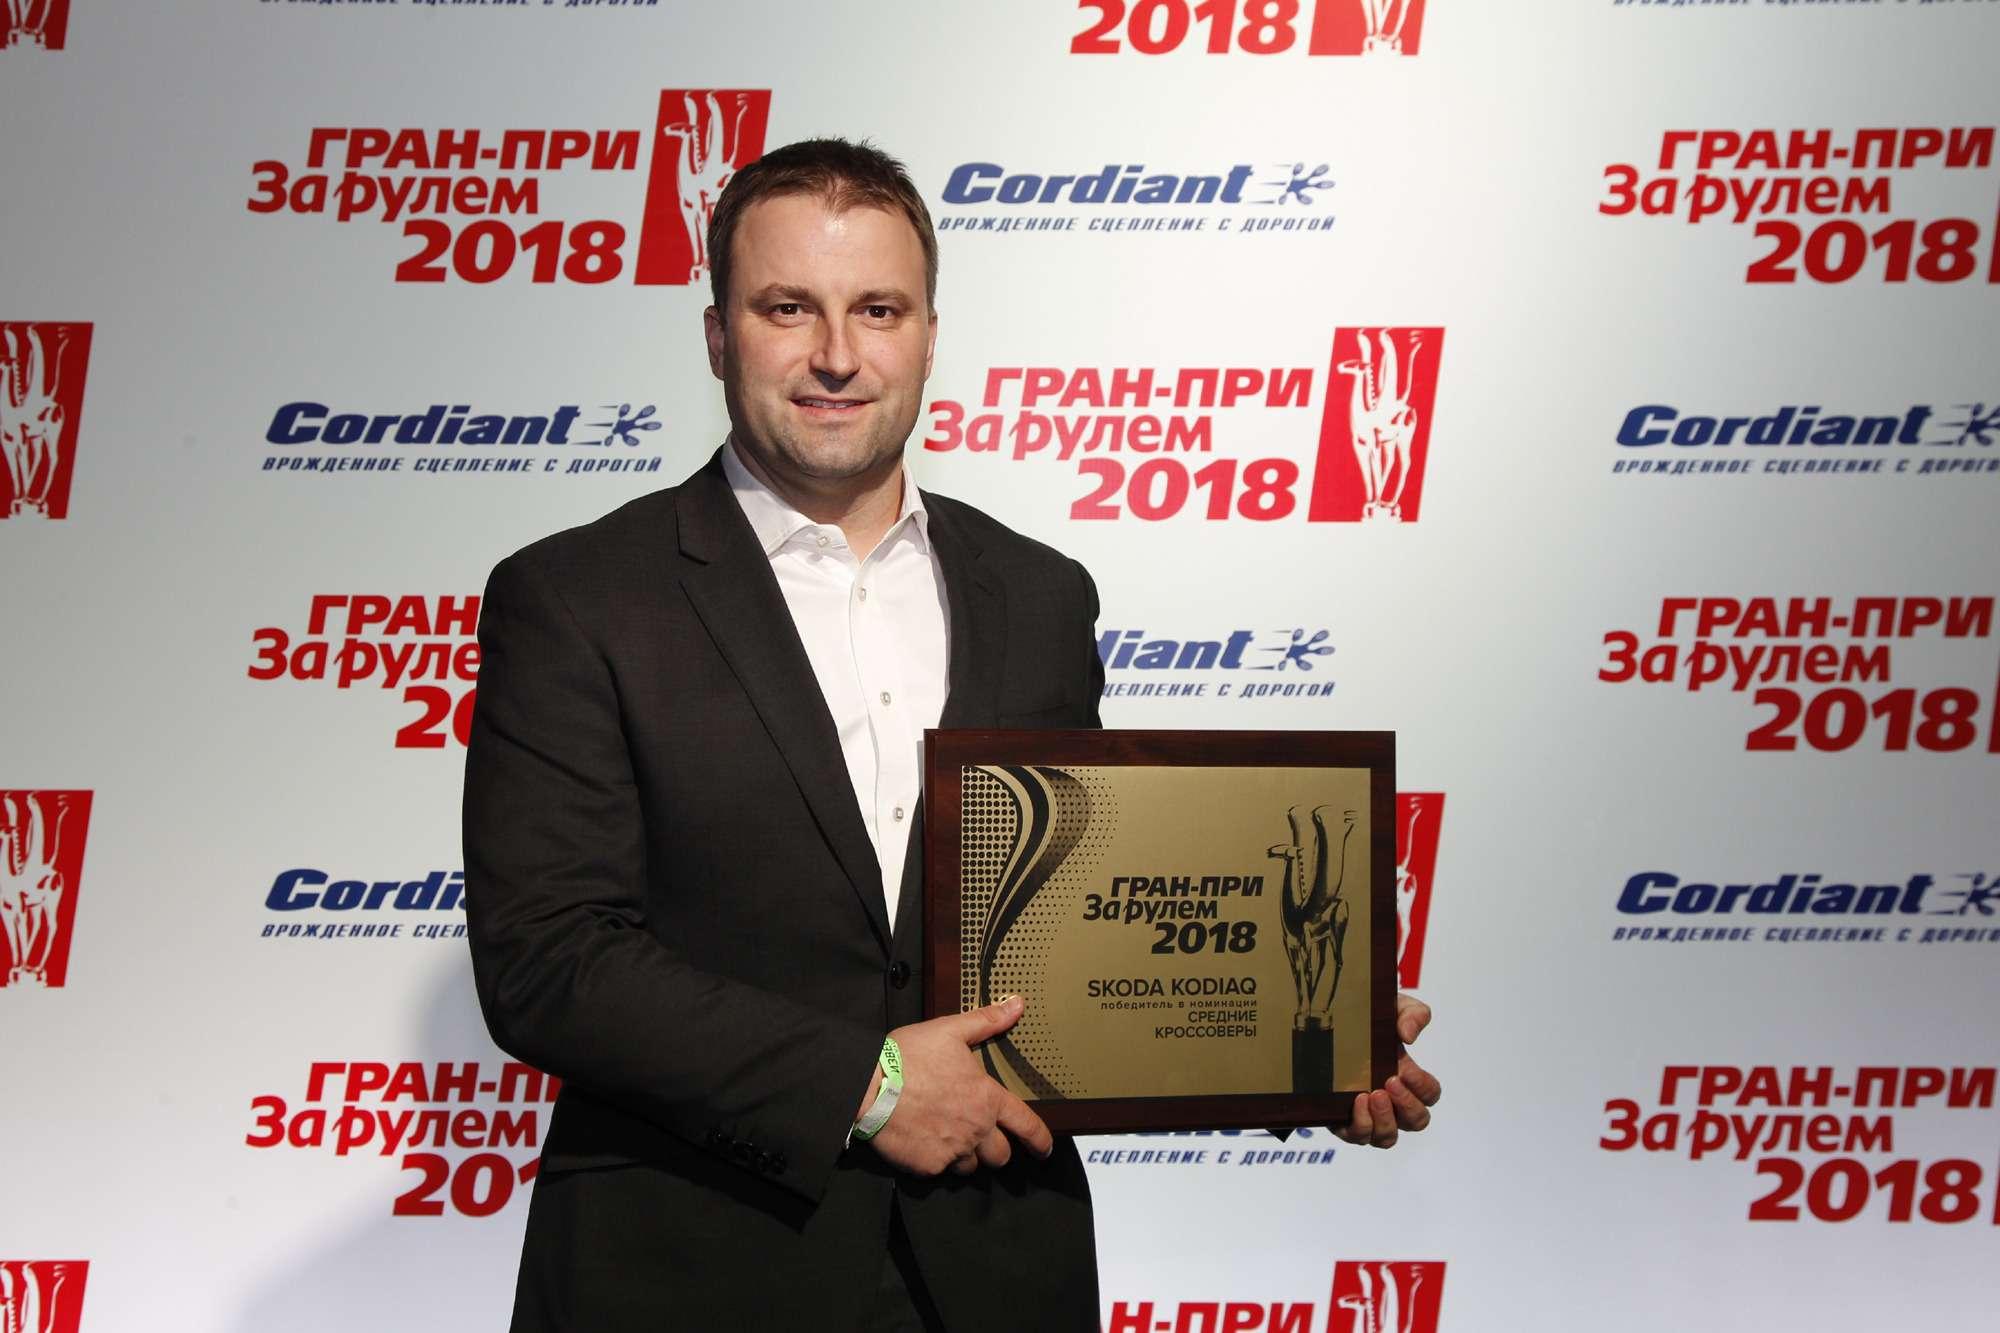 Гран-при «Зарулем»: названы лучшие автоновинки икомпании 2017 года— фото 856039